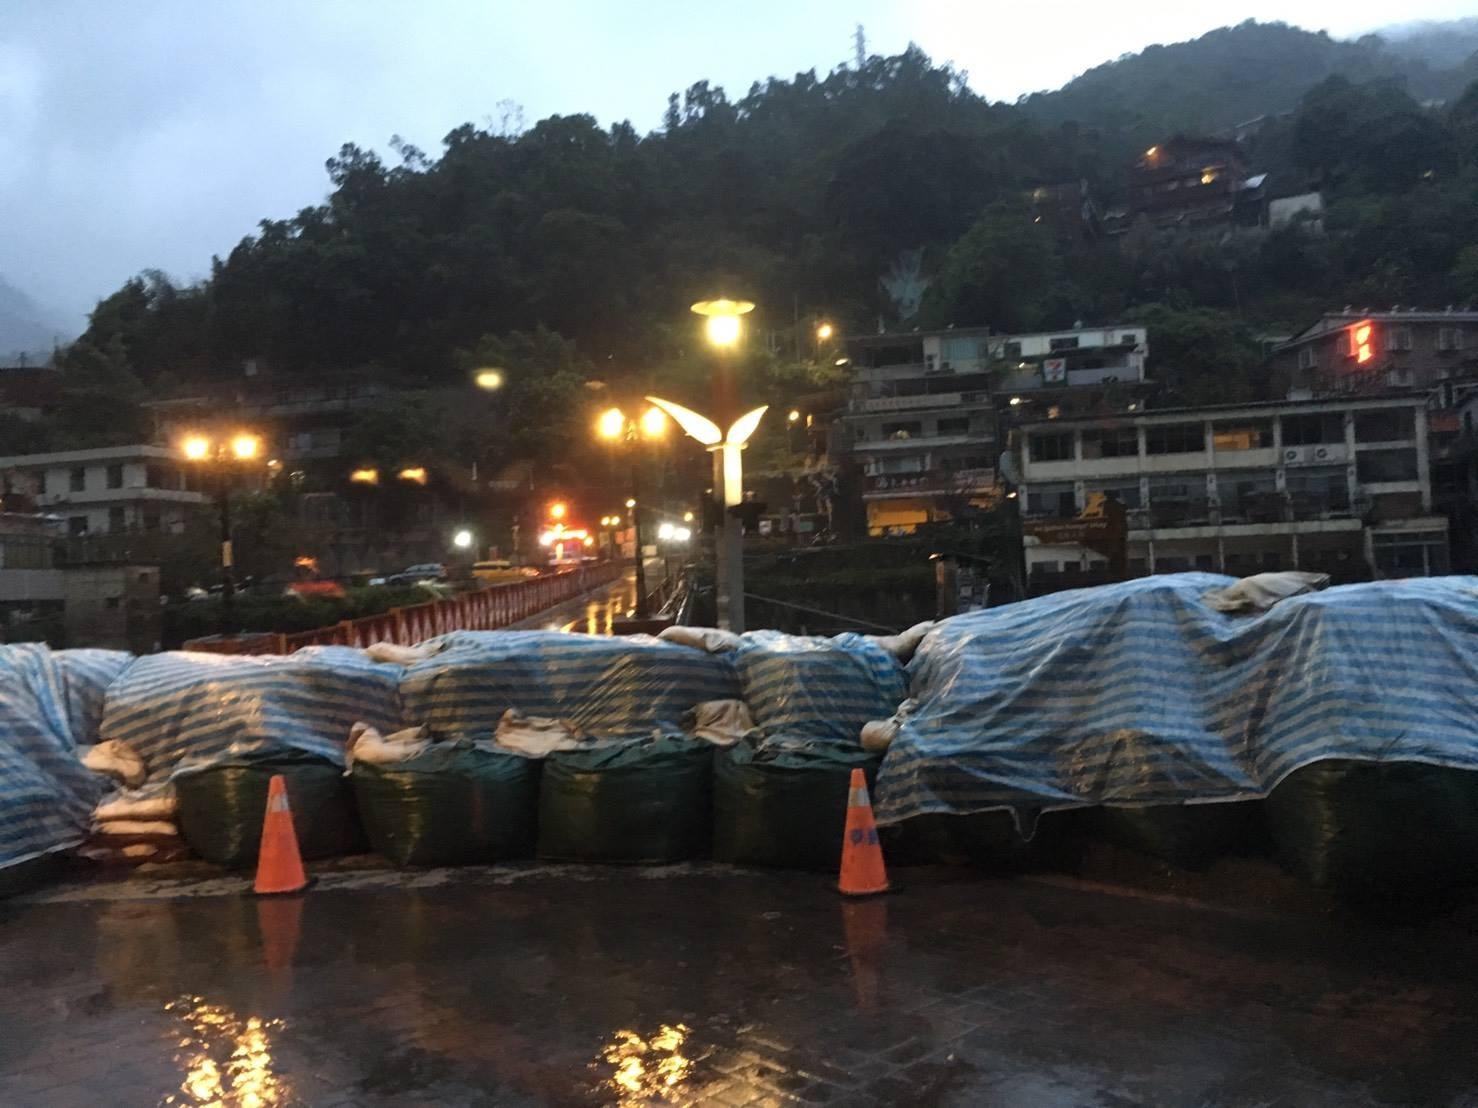 用生命在泡湯!記者颱風天連線 歐巴桑群聚暴漲溪邊…泡溫泉(圖/小檸檬供稿專用)